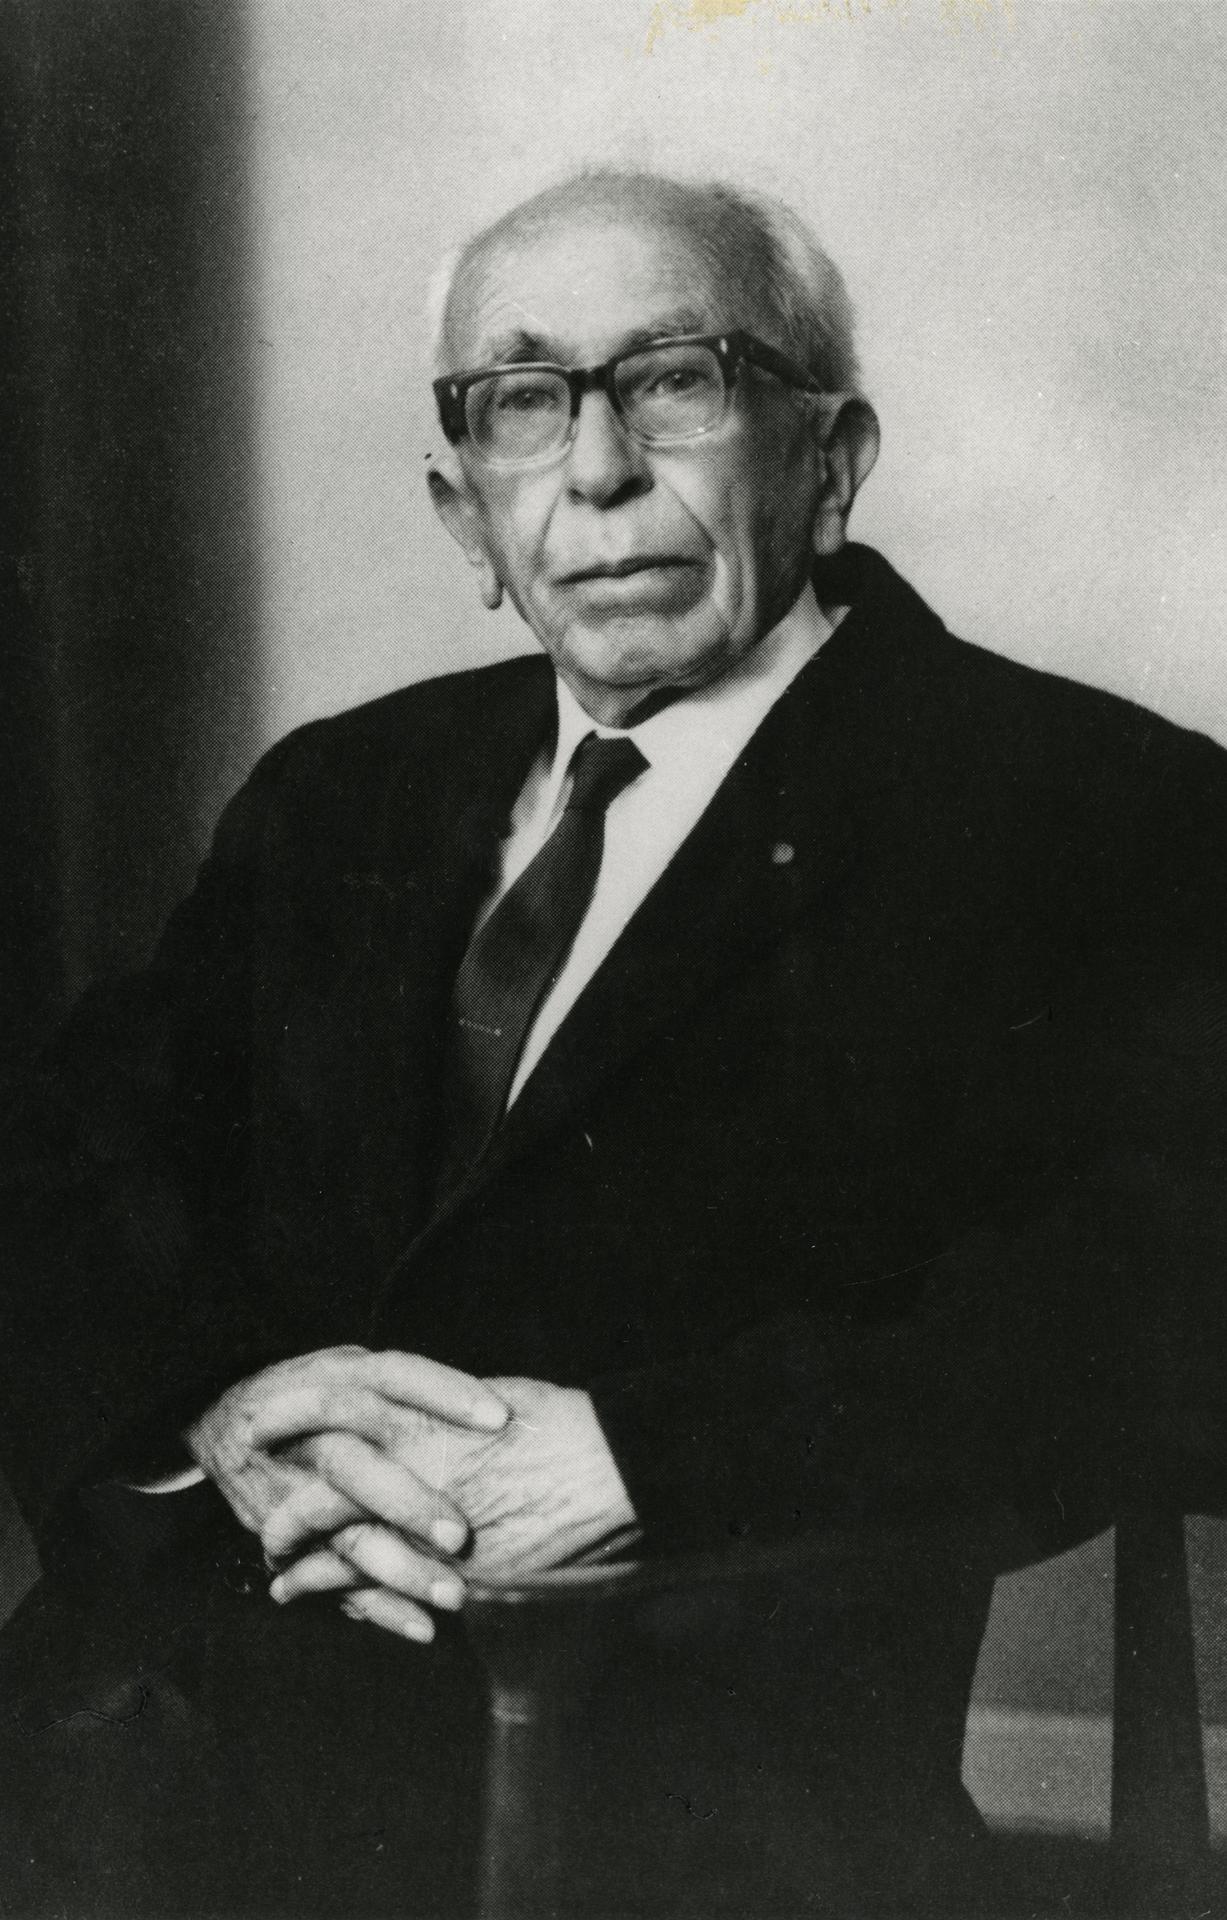 Prof Alan R. Chisholm